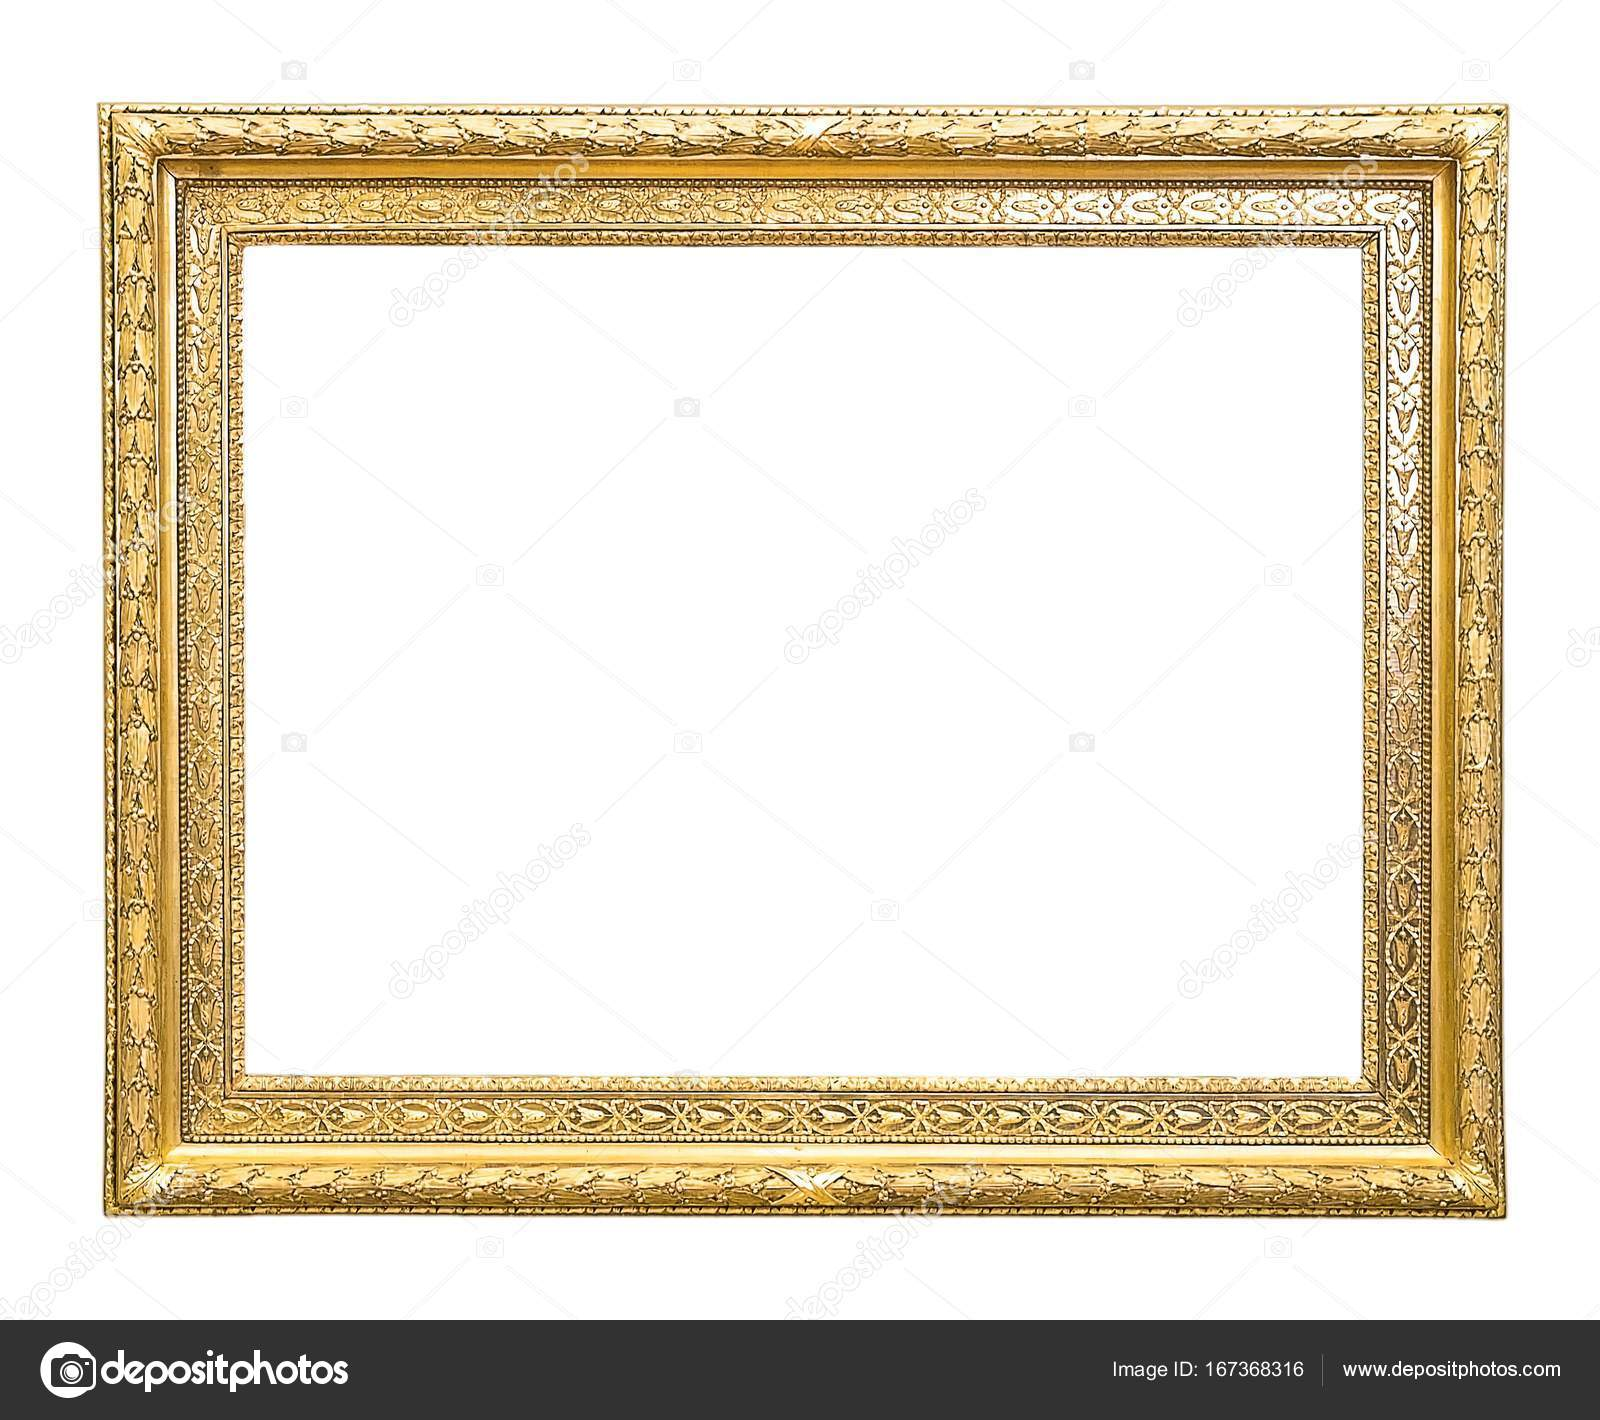 позолоченная деревянная рамка для картины стоковое фото Prokrida